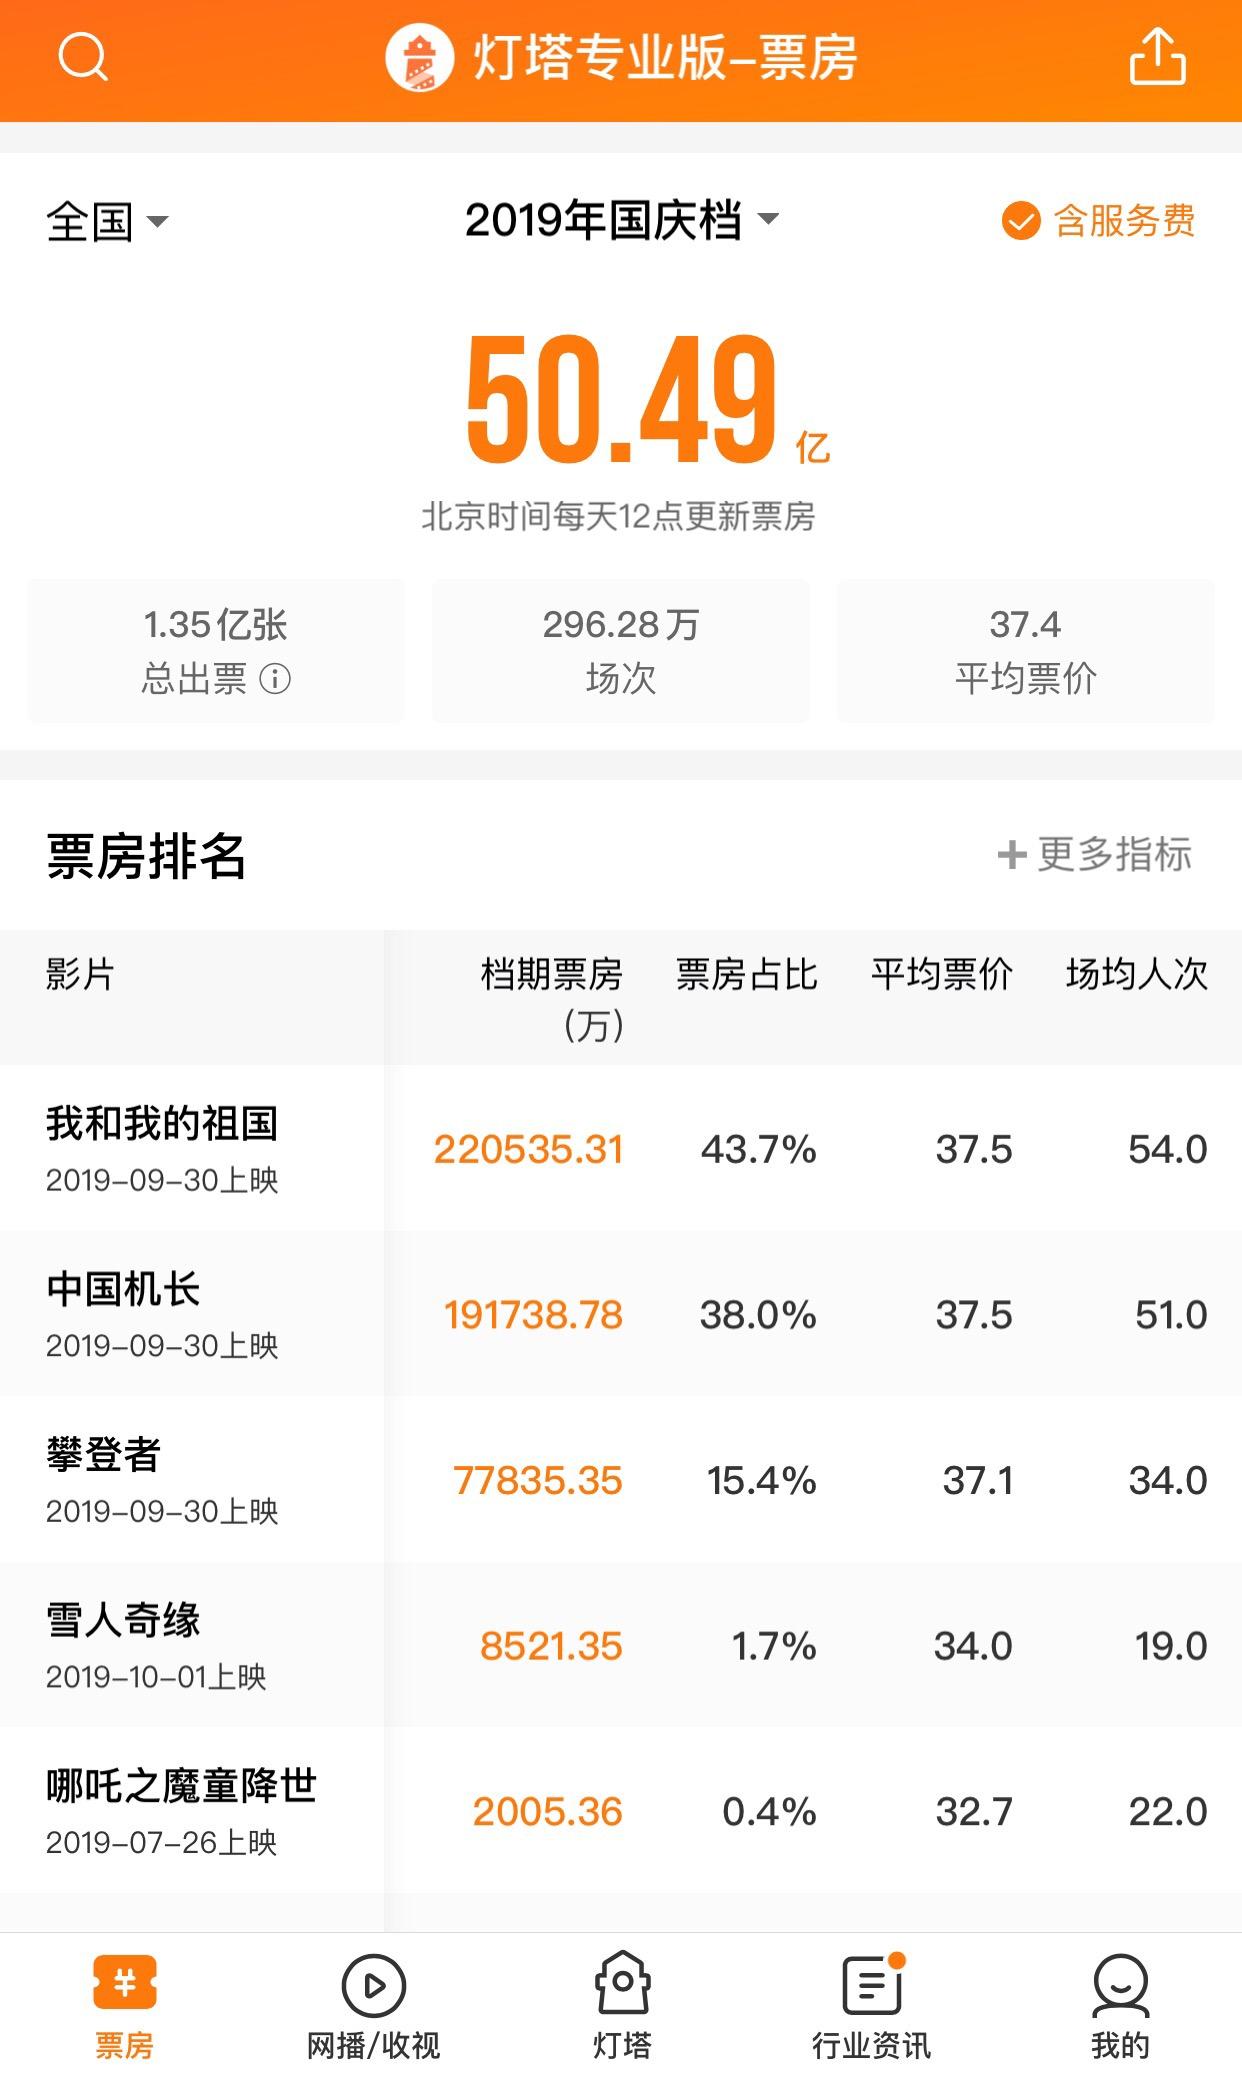 苏起:大陆民众要武统 台湾明年5月后日子不会好过